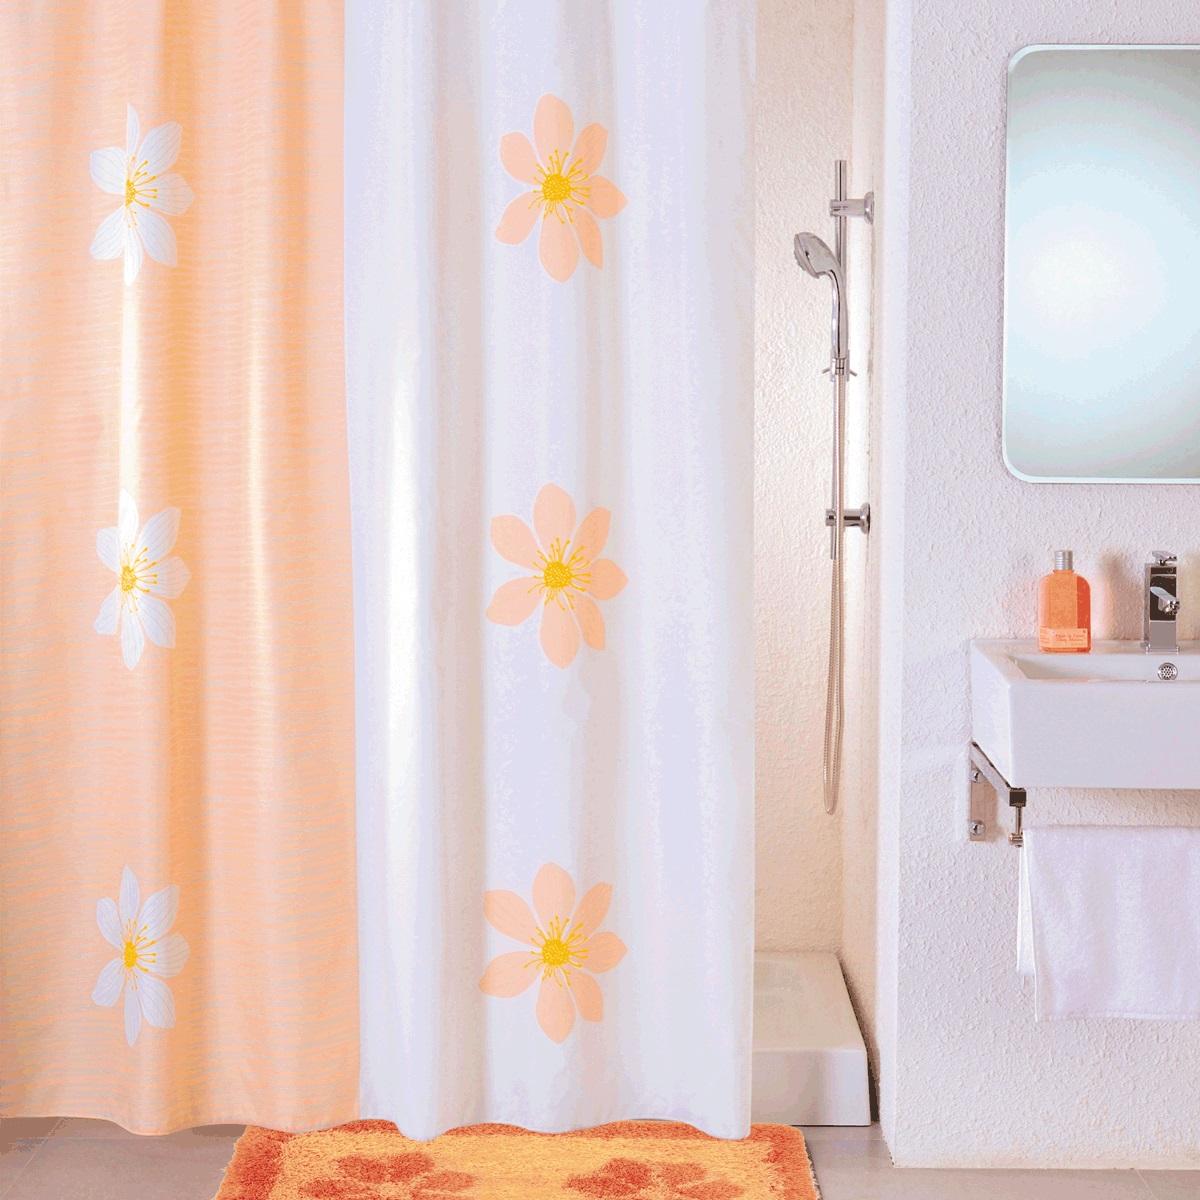 Штора для ванной Iddis Paloma Art, цвет: белый, оранжевый, 180 x 200 смSCID042PШтора для ванной комнаты Iddis выполнена из быстросохнущего материала - 100% полиэстера, что обеспечивает прочность изделия и легкость ухода за ним.Материал шторы пропитан специальным водоотталкивающим составом Waterprof.Изделие изготовлено из экологически-чистого материала, оно обладает высокой степенью гигиеничности, не вызывает аллергических реакций.Штора имеет 12 металлических люверсов. В комплекте: штора и кольца.